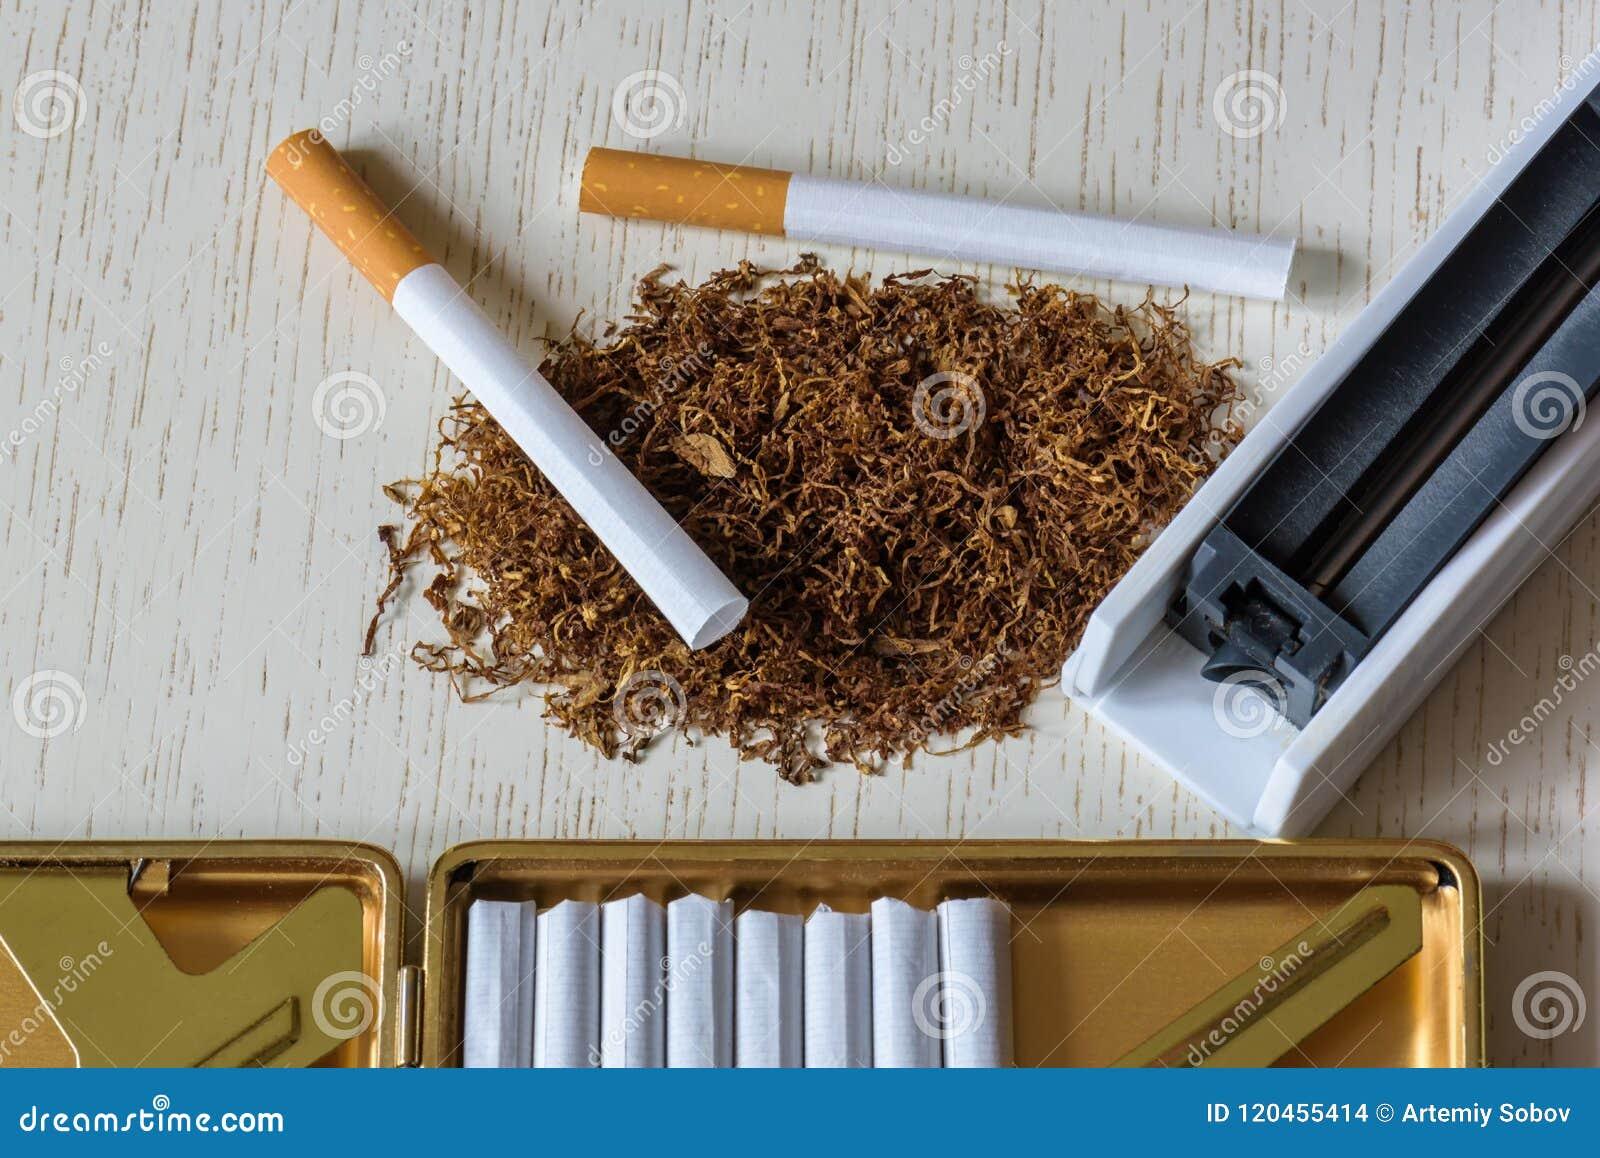 Табак для изготовление сигареты купить сигареты nat sherman black and gold купить